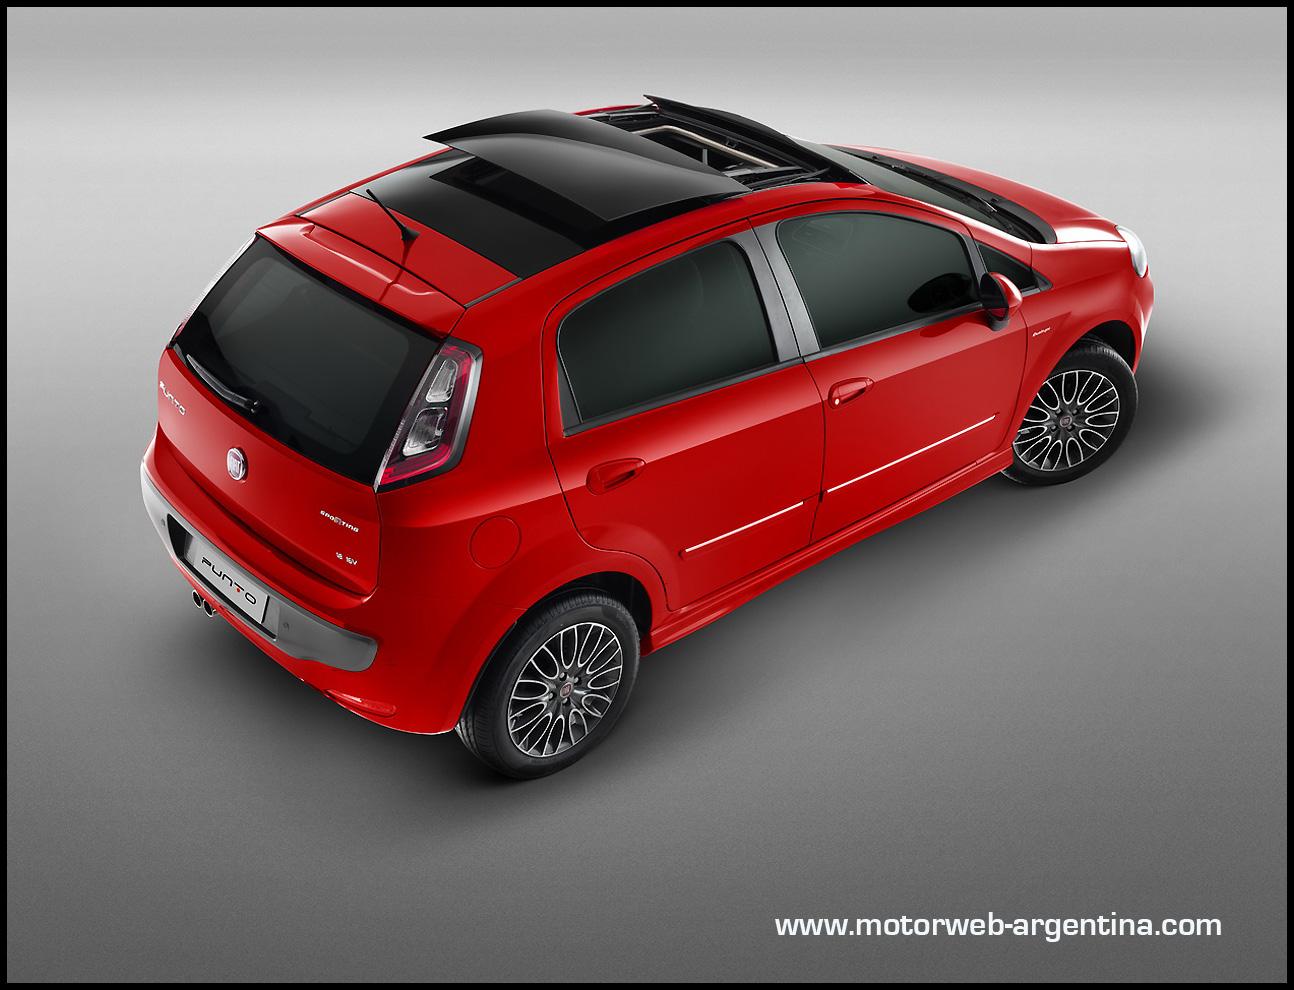 Nuevo fiat punto precios y versiones para argentina for Fiat idea nuevo precio